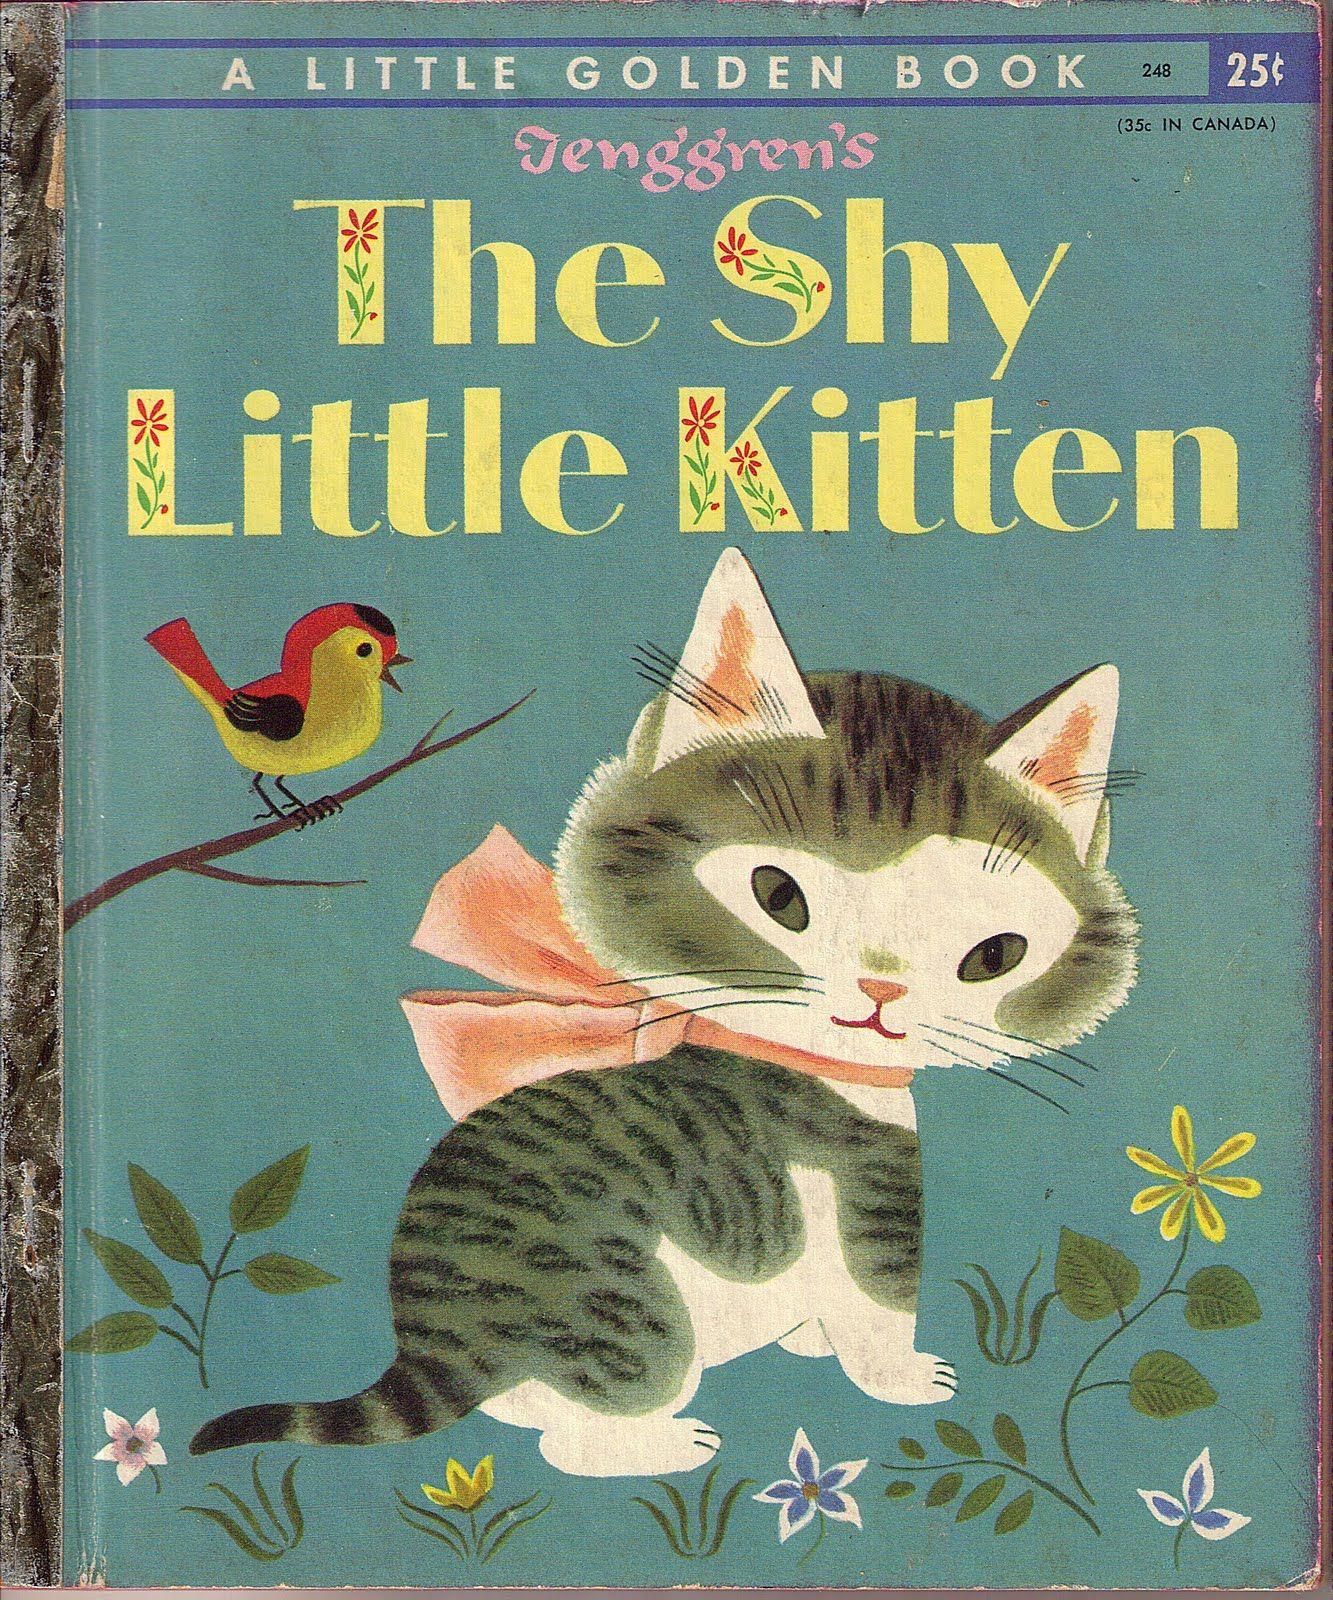 Goldenshykitten Jpg 1333 1600 Picture On Visualizeus Little Golden Books Vintage Children S Books Children S Book Illustration